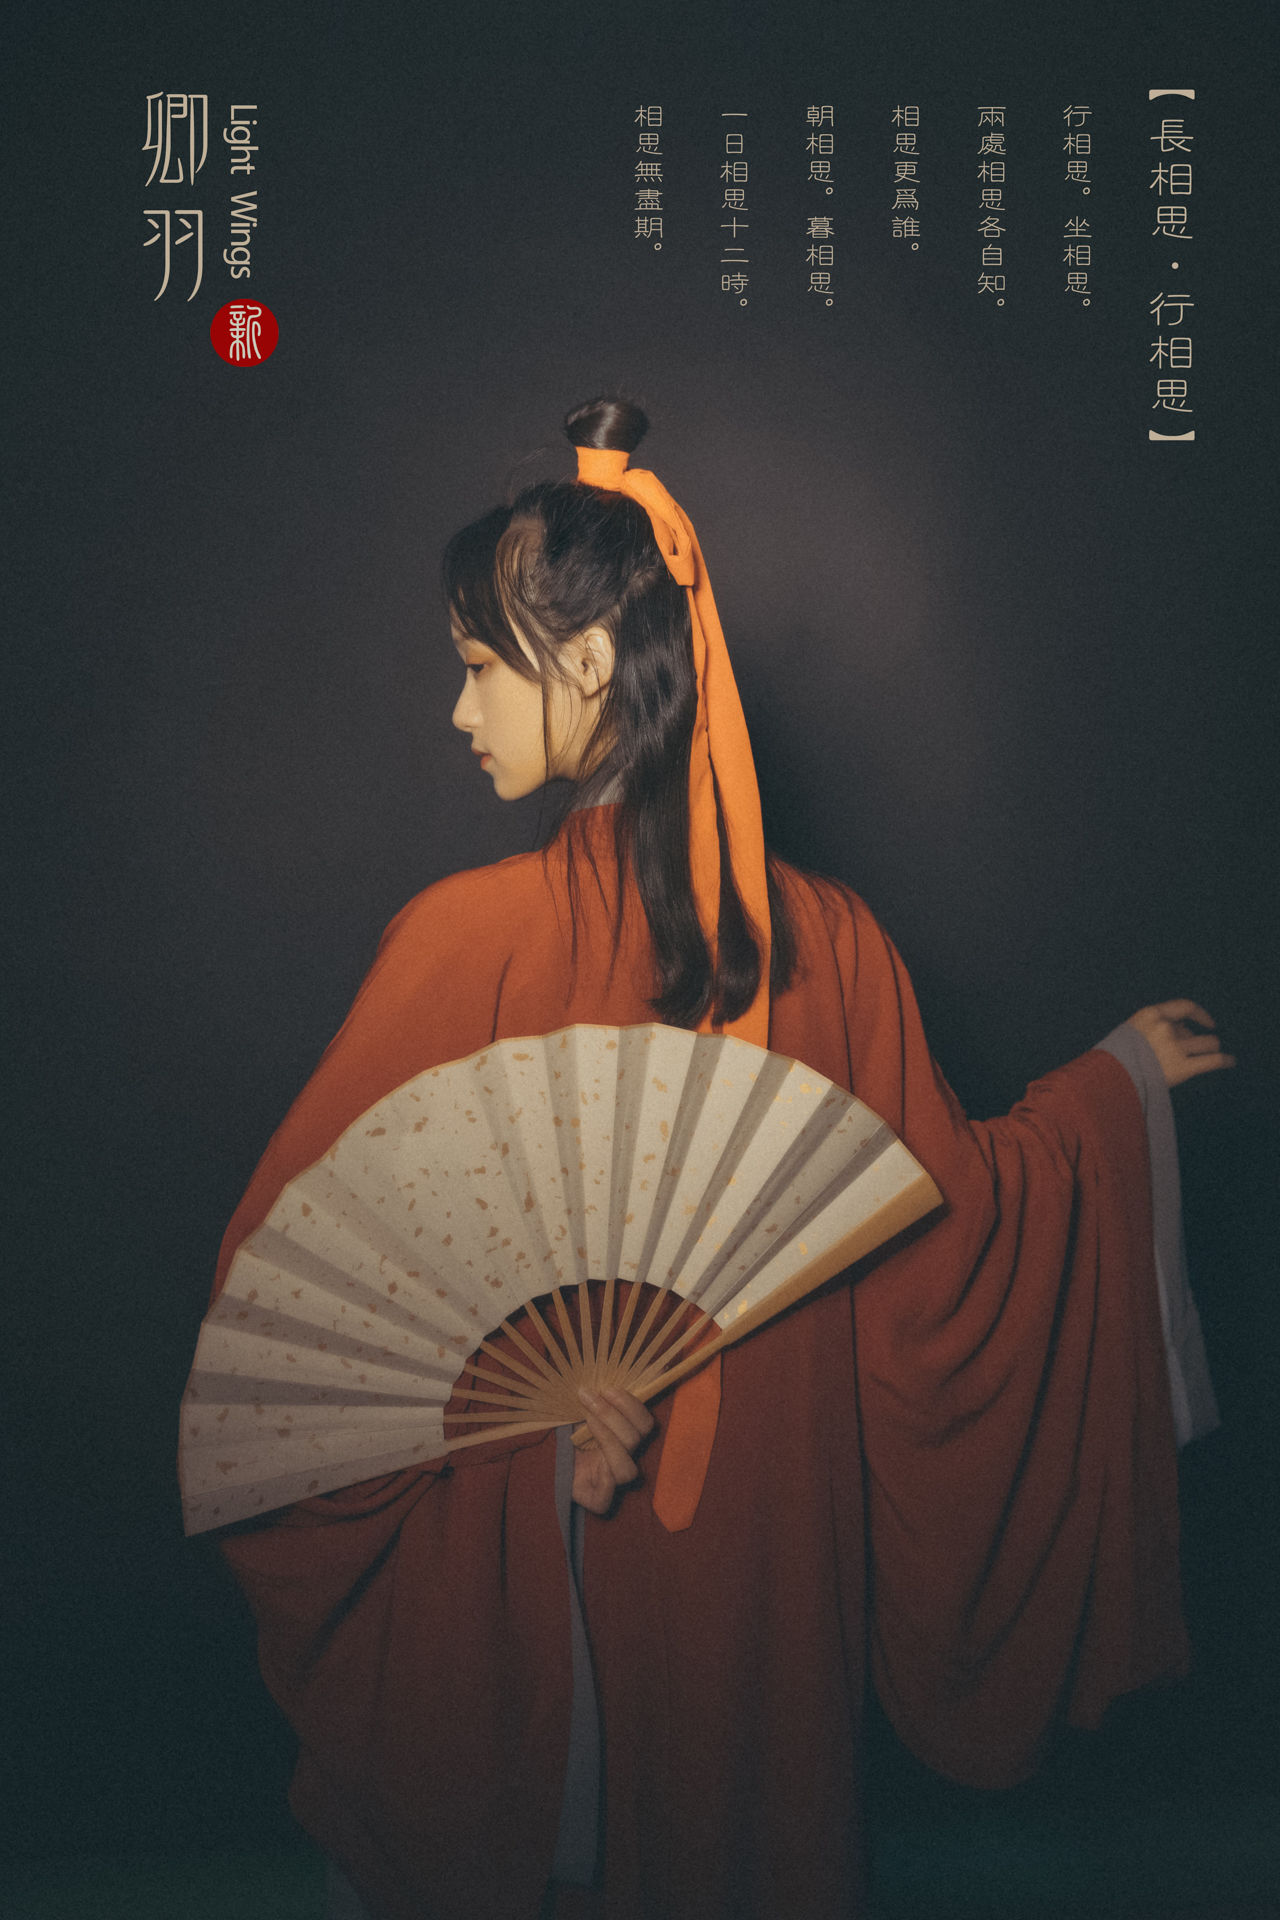 2019-01-31 輕羽視覺棚拍古裝_攝影師Sly的返片